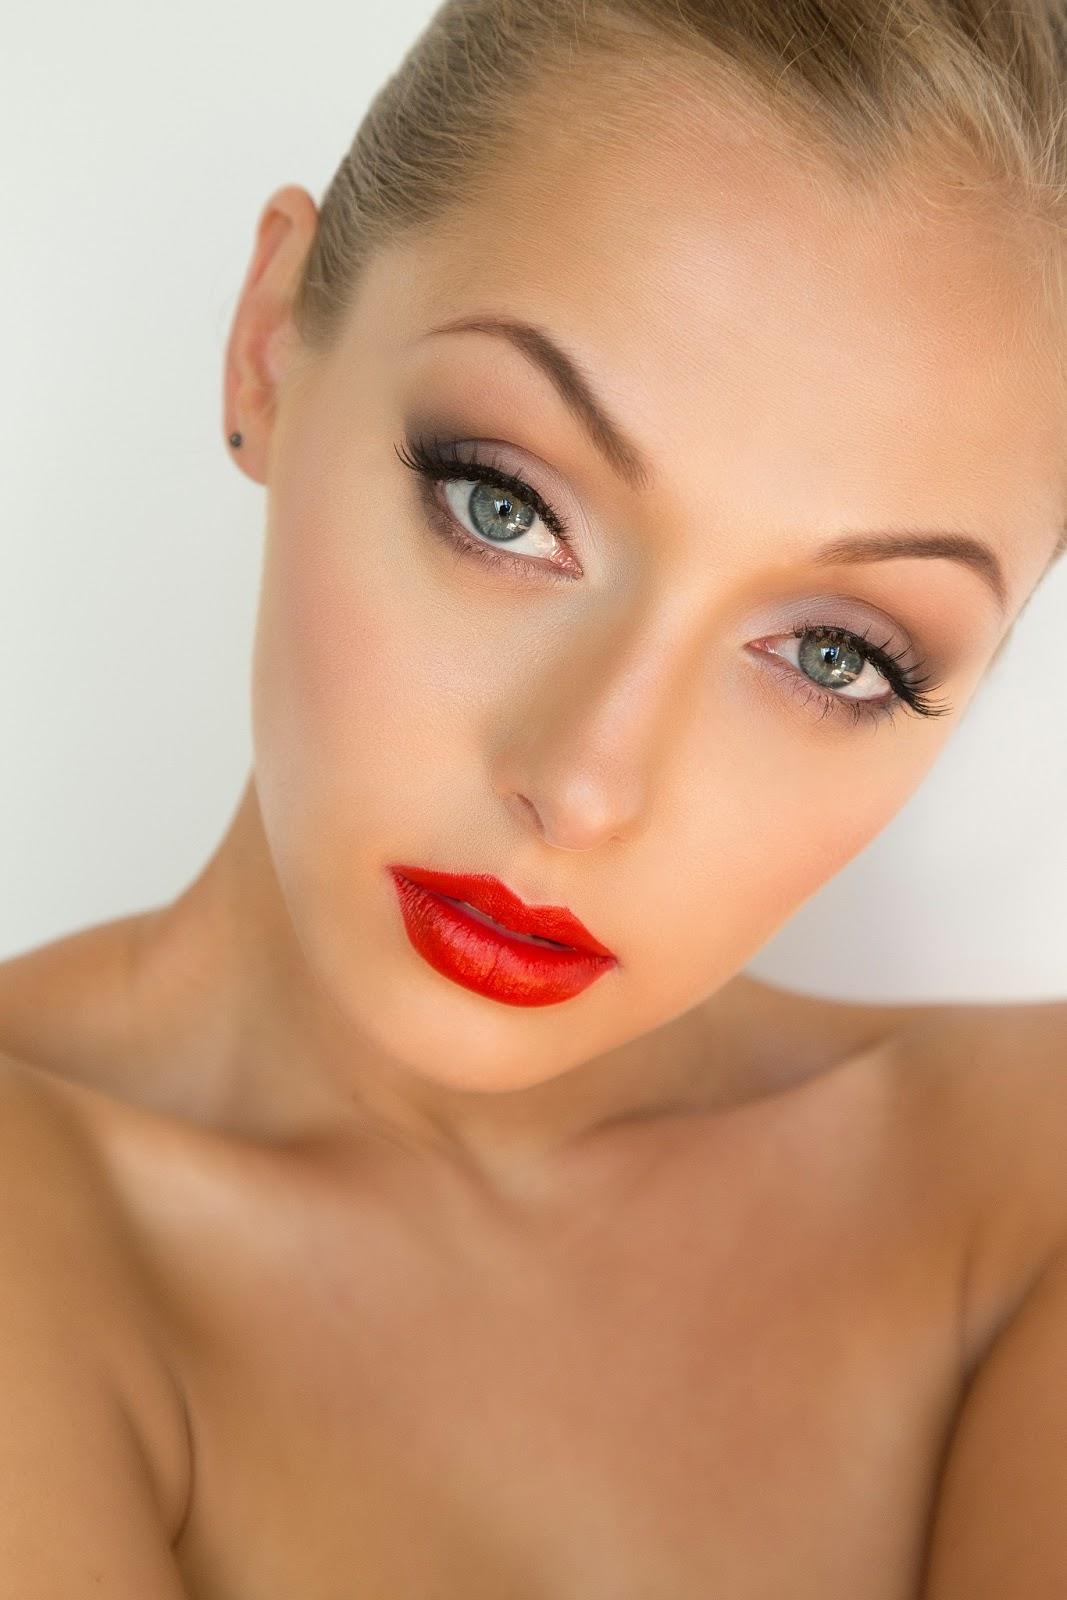 Trend Alert: Red-Orange Lipstick